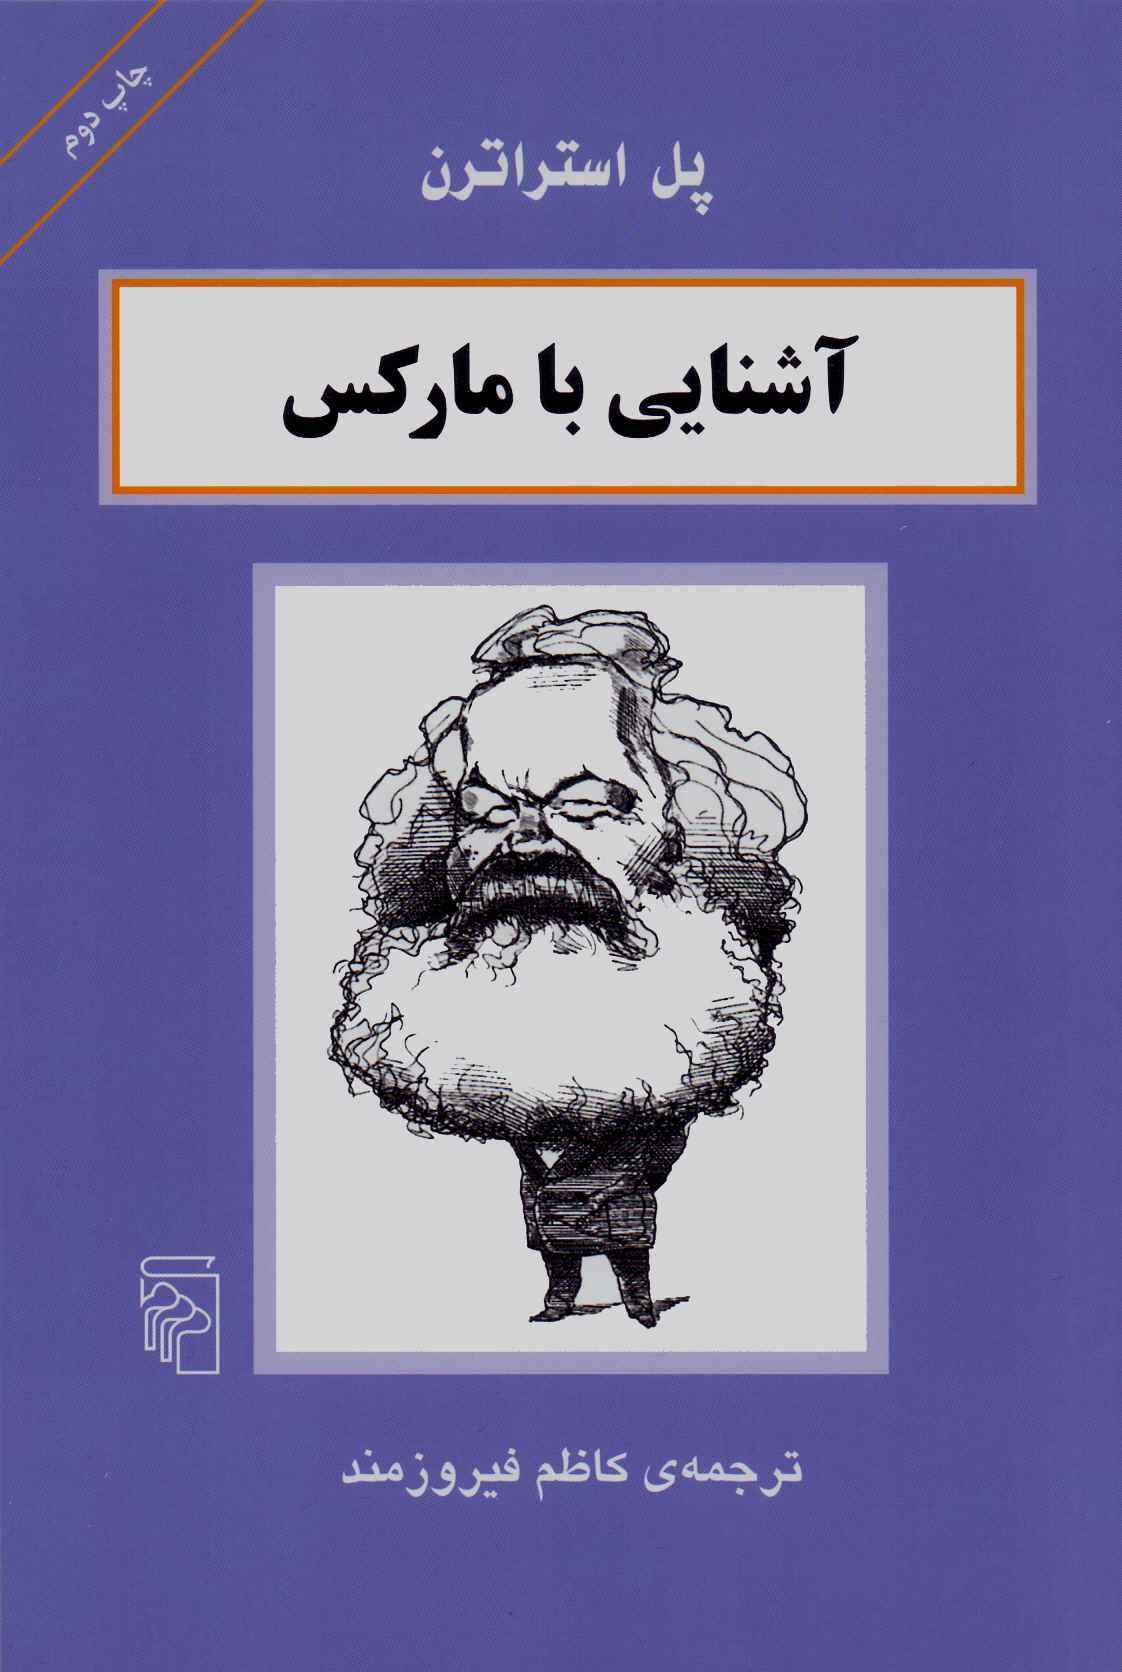 کتاب آشنایی با مارکس